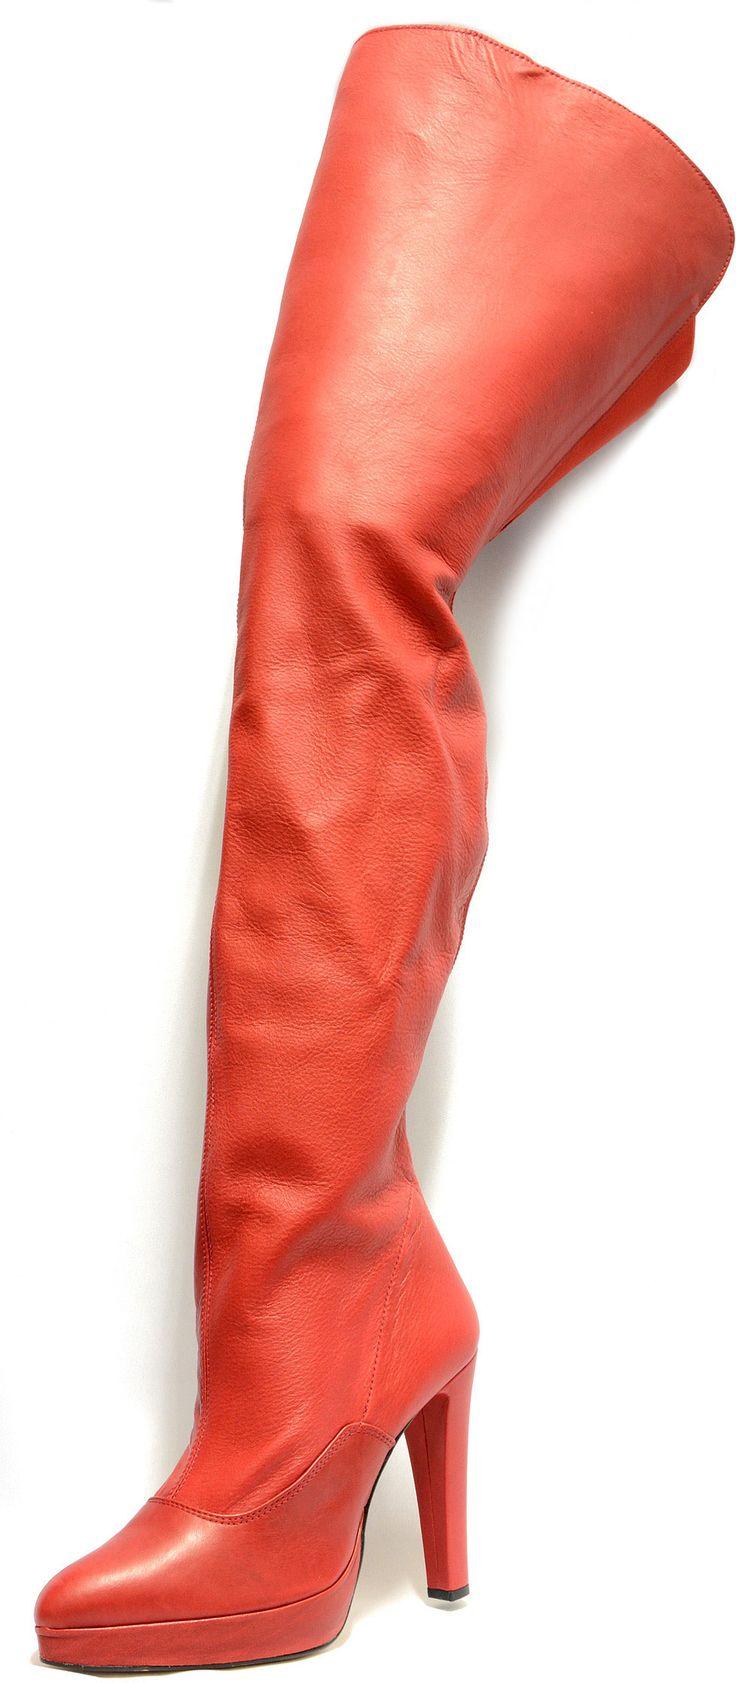 #Cuissarde haute sur la #cuisse, sexy et un zip qui fait toute la longueur de la #jambe. Spéciale et exclusive #chaussurefemme , #grandetaille, #grandepointure, #femme, #mode , #talonhaut, #talonaiguille, #gay, #travesti